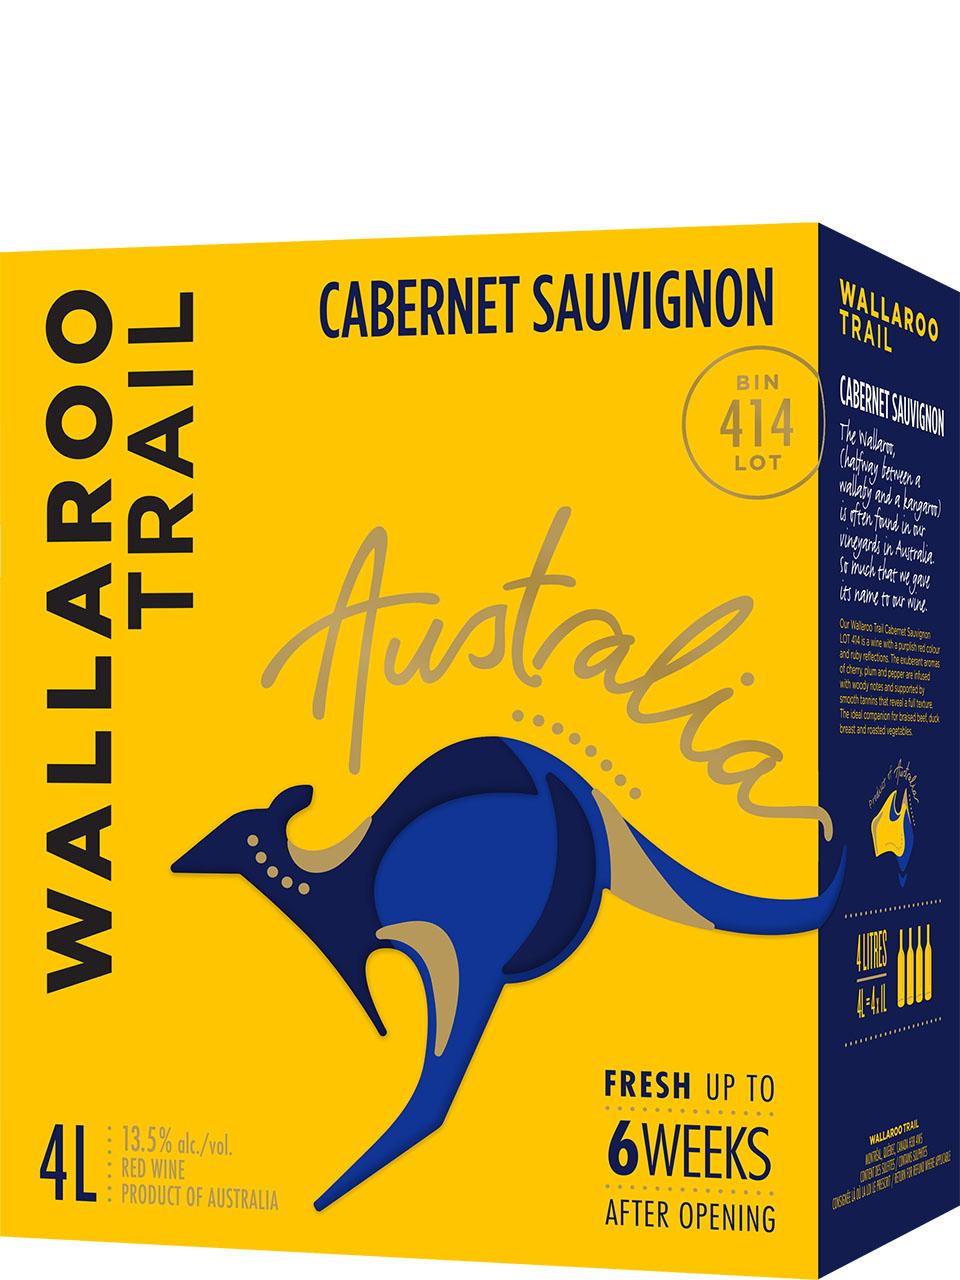 Wallaroo Trail Cabernet Sauvignon